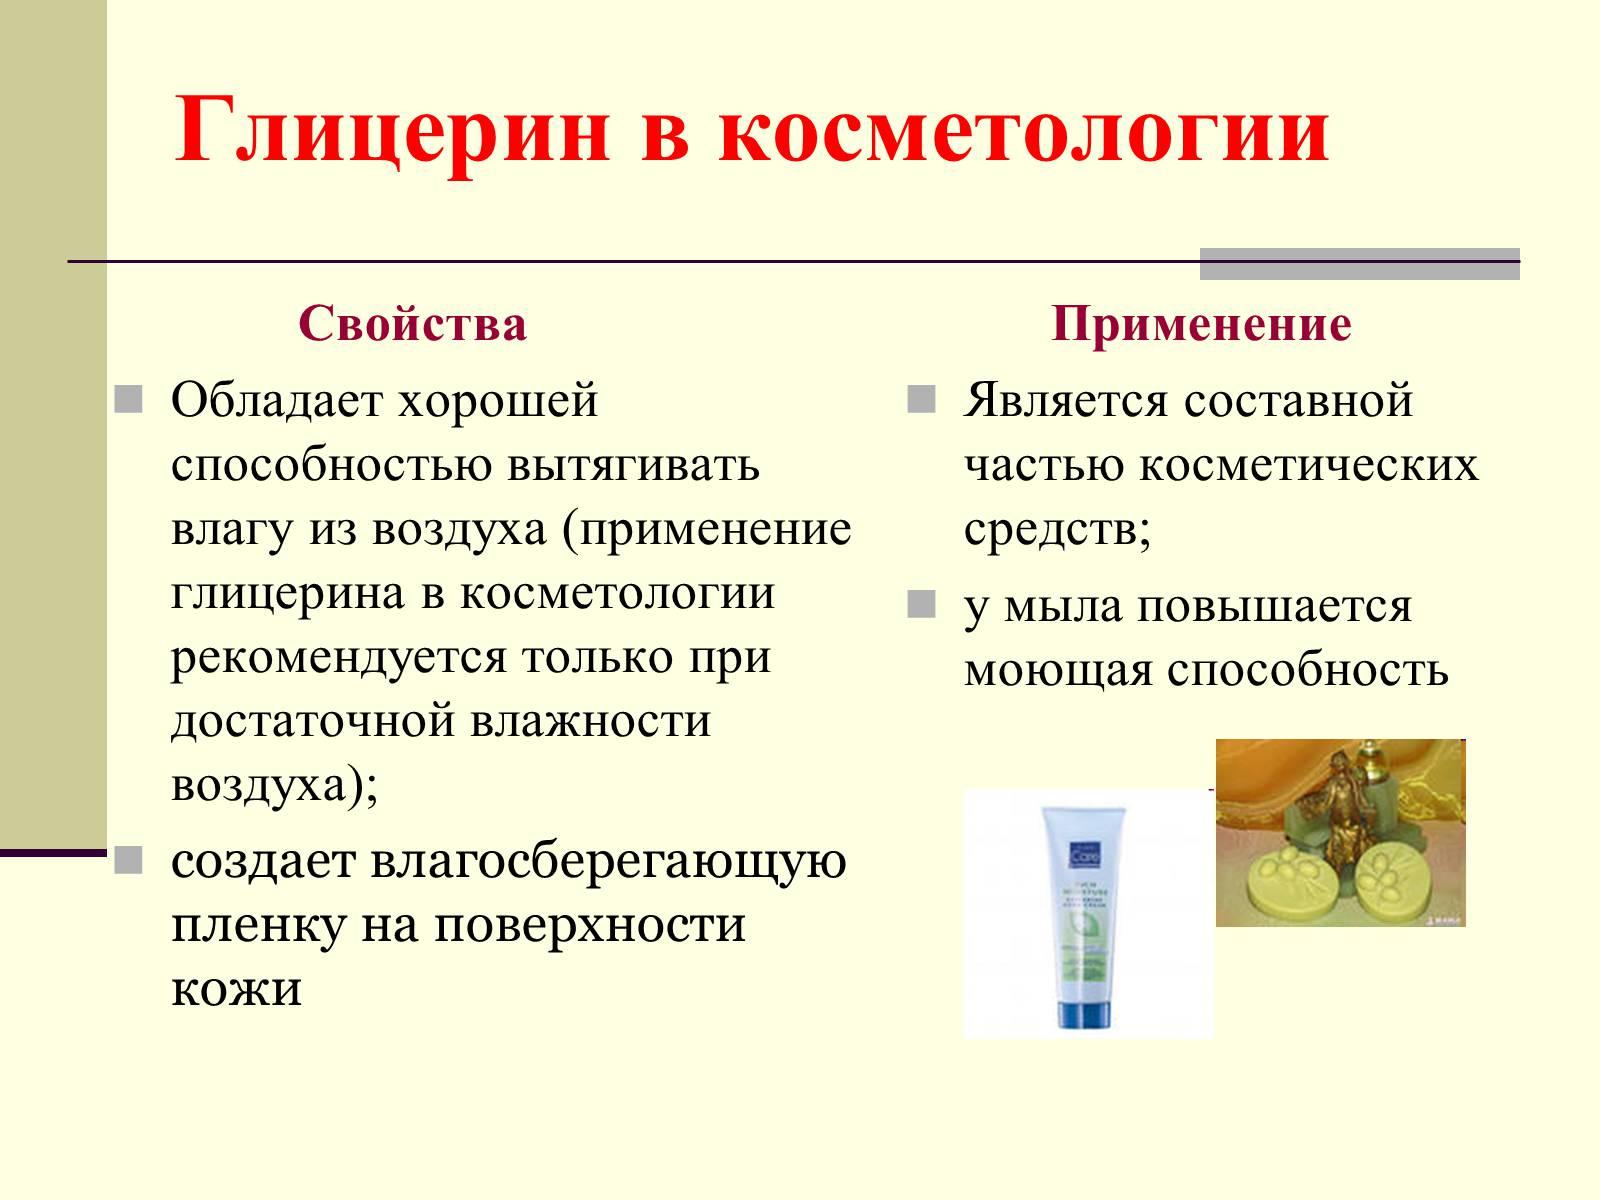 Глицерин: для чего он нужен, инструкция по применению, цена, отзывы